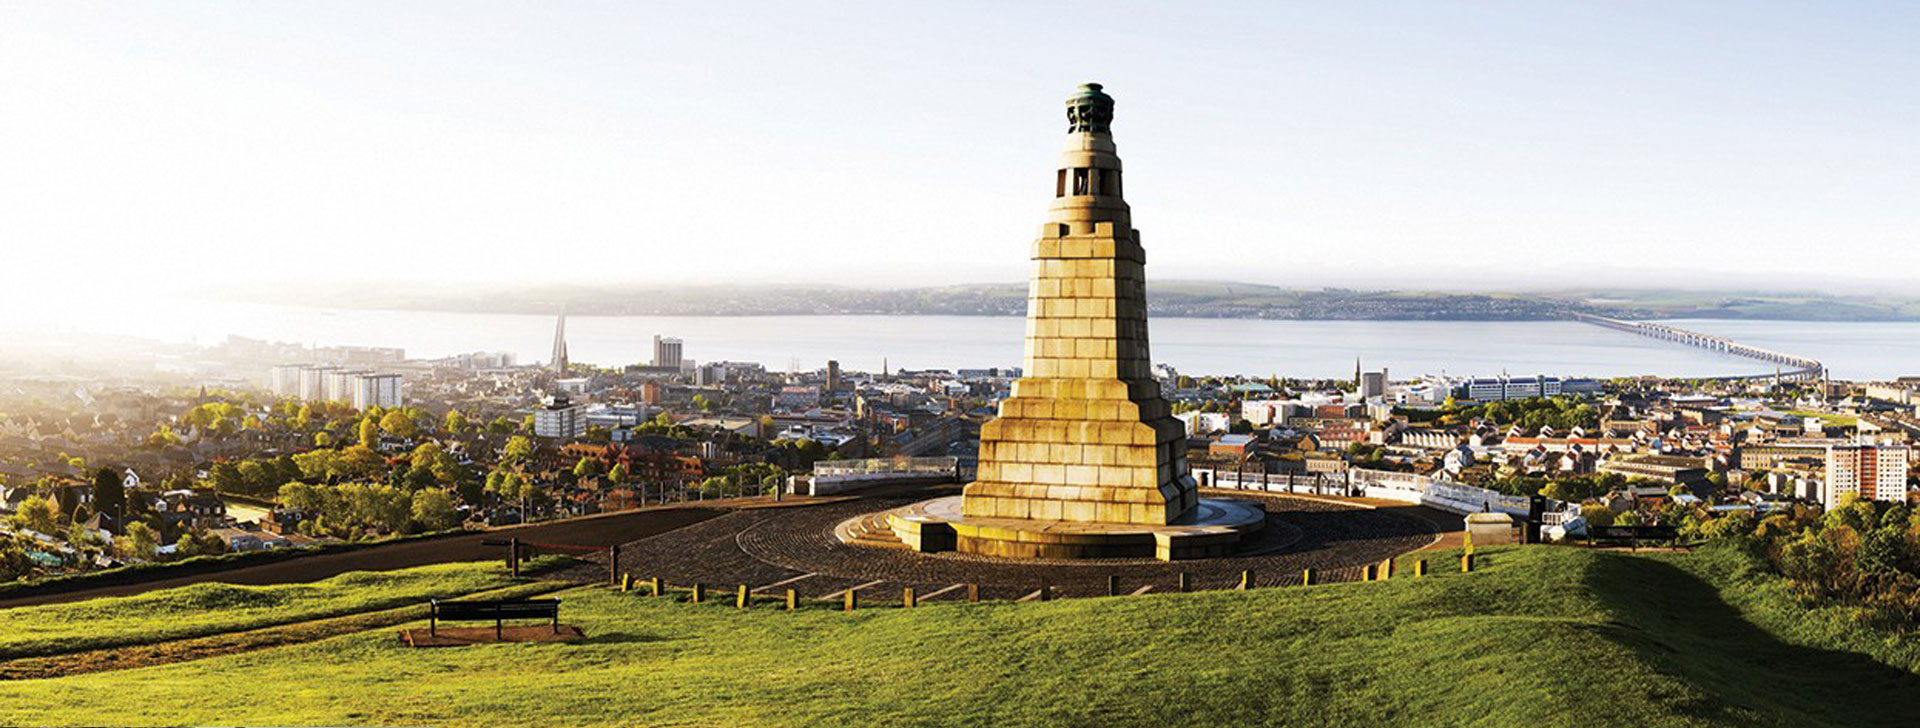 La vida en Dundee